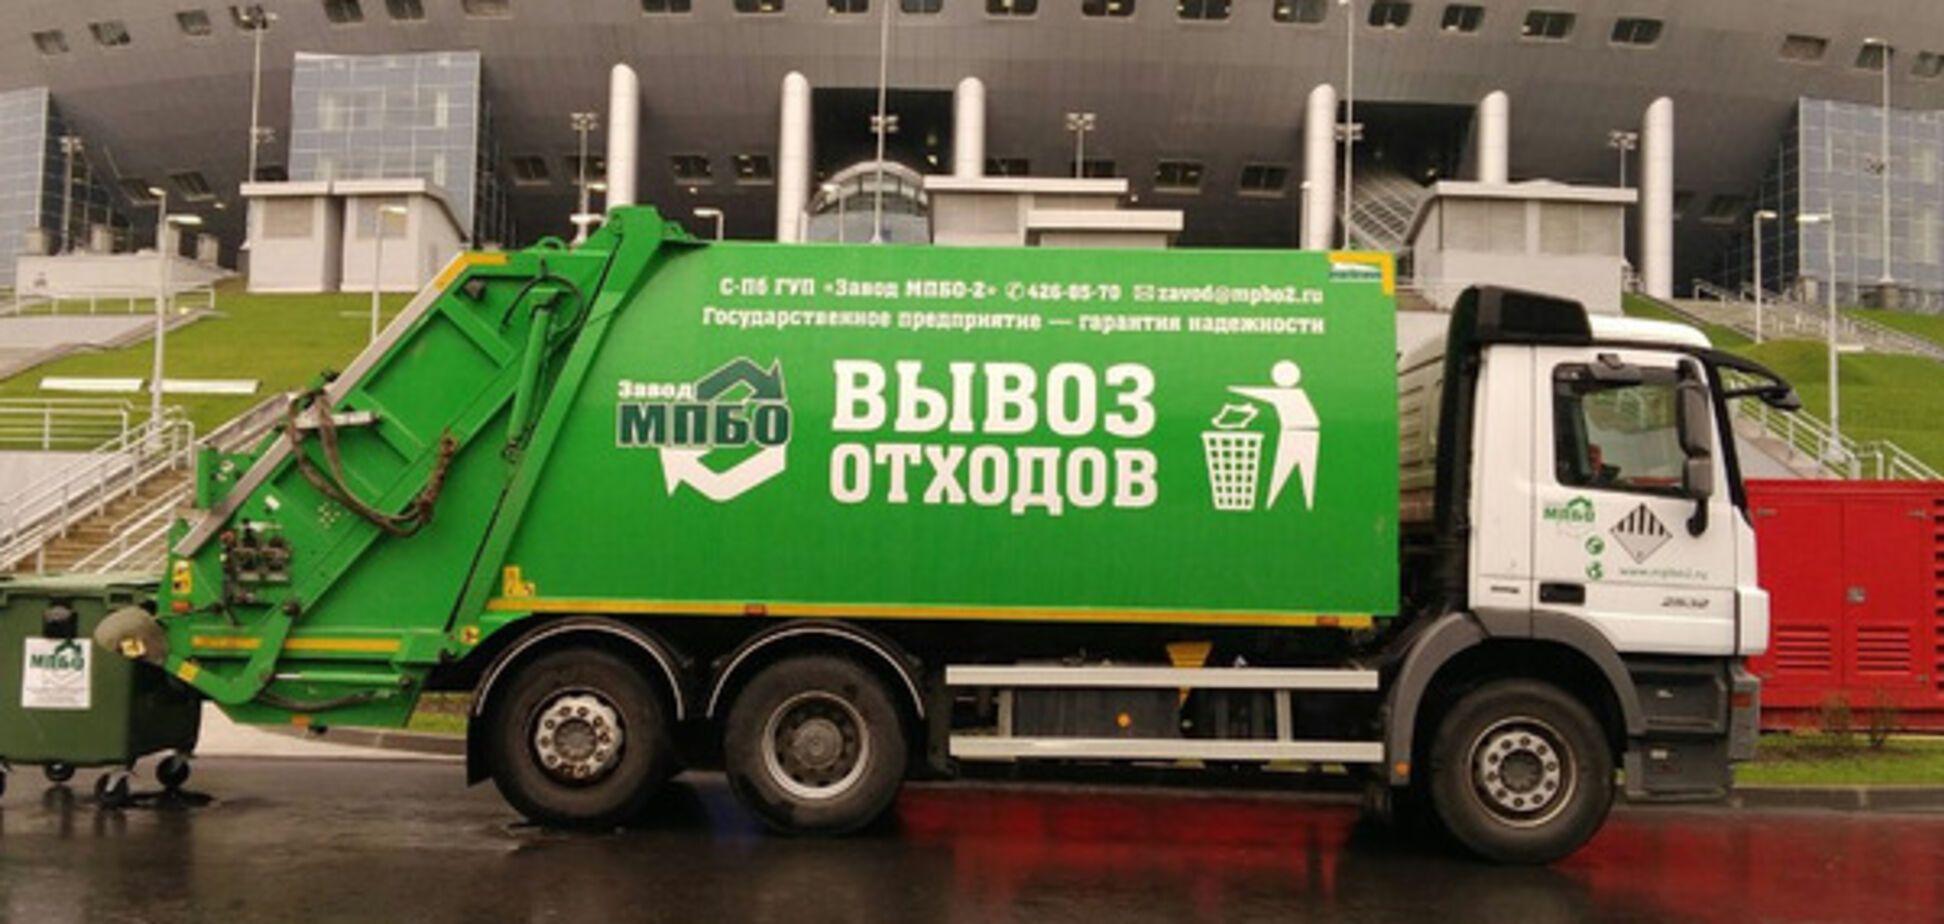 Отходы в России